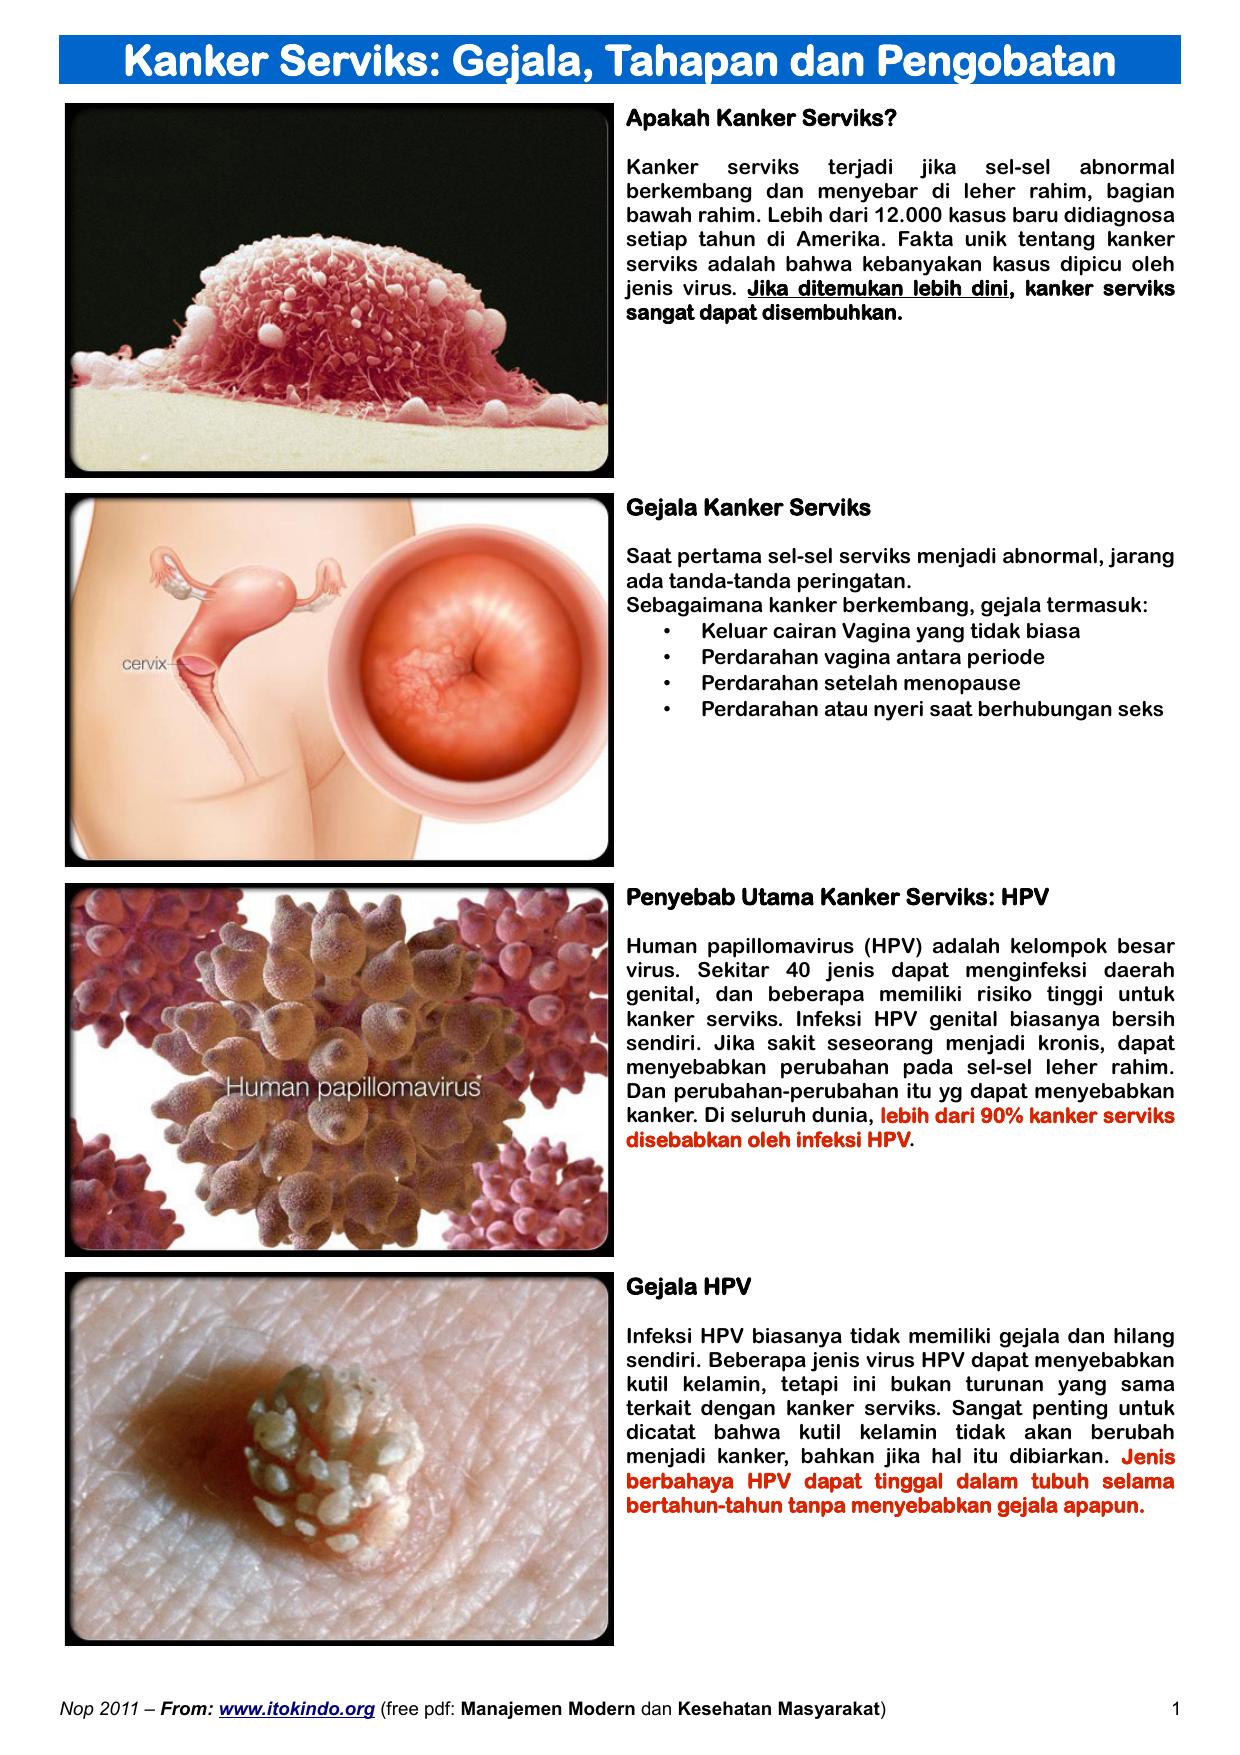 papilloma vírus kutil